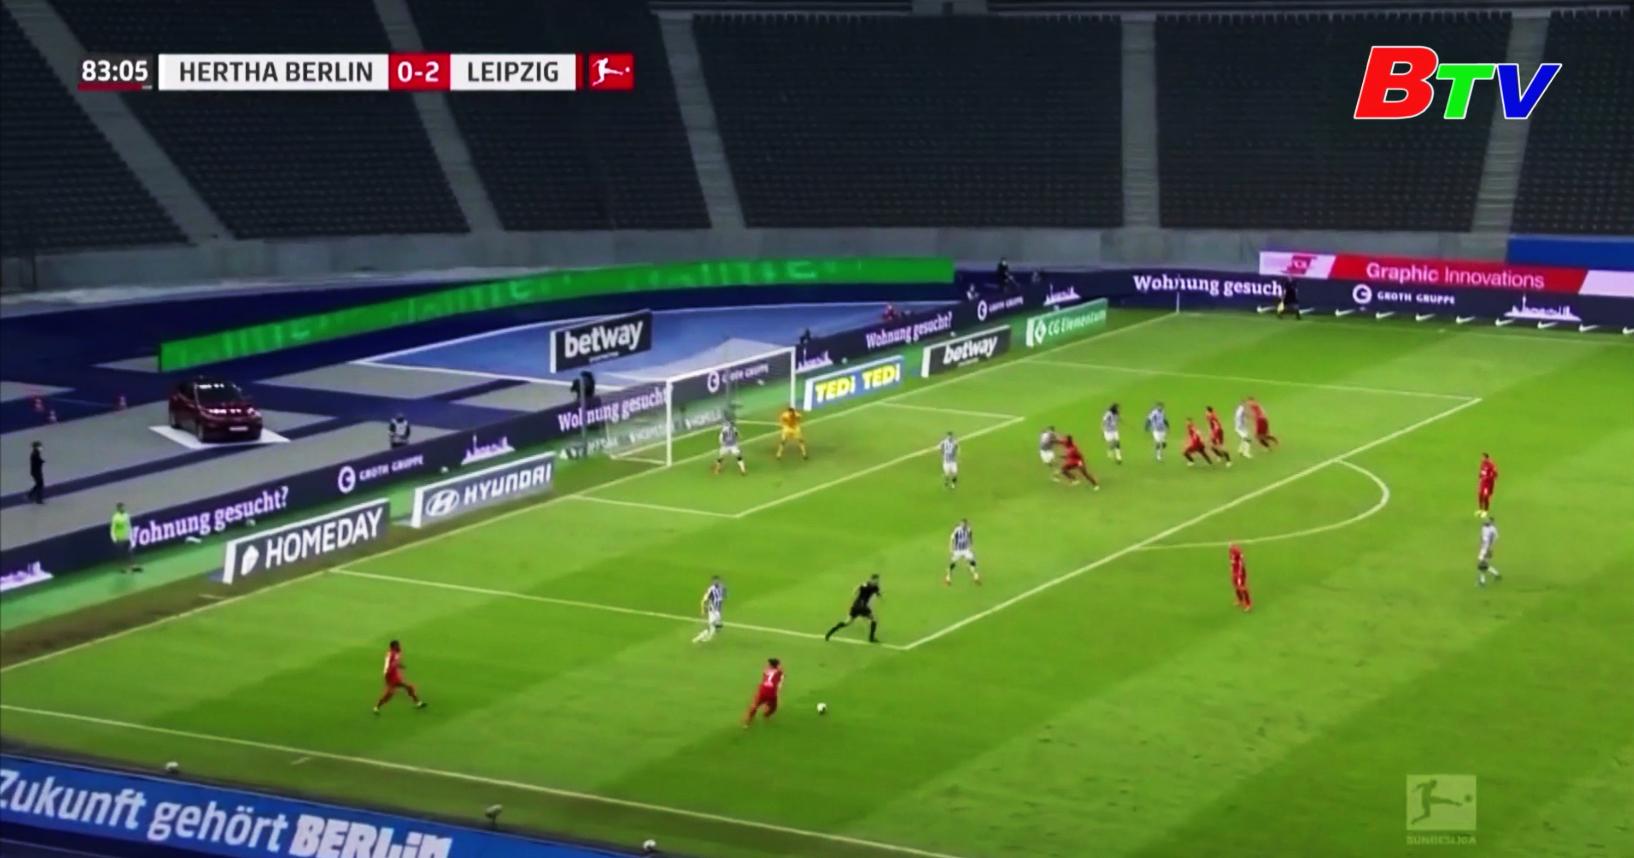 Vòng 22 giải Bundesliga – Hertha Berlin 0-3 Leipzig